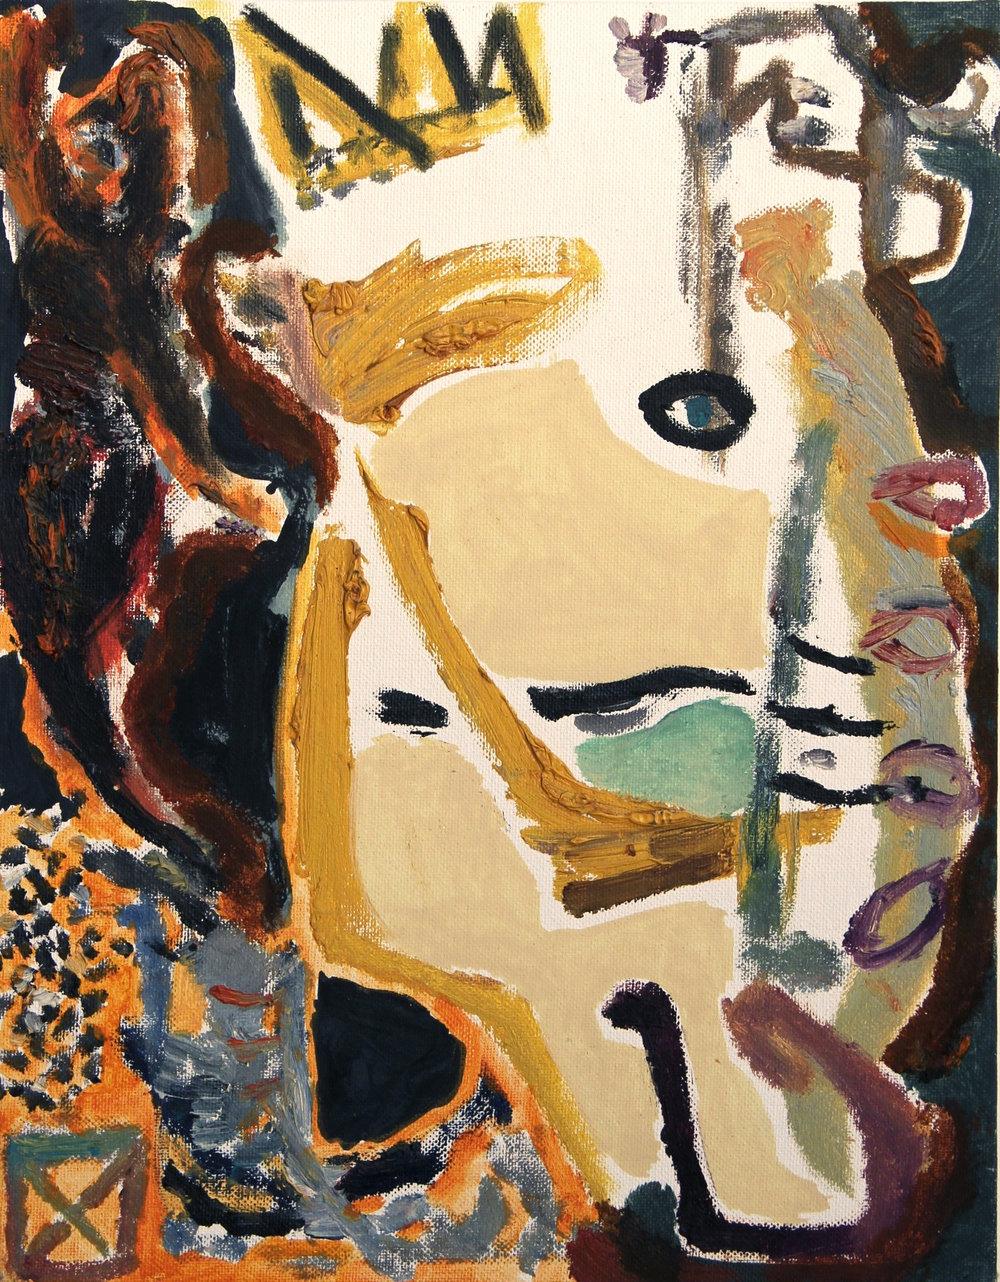 Joe Ginsberg, NY Artist